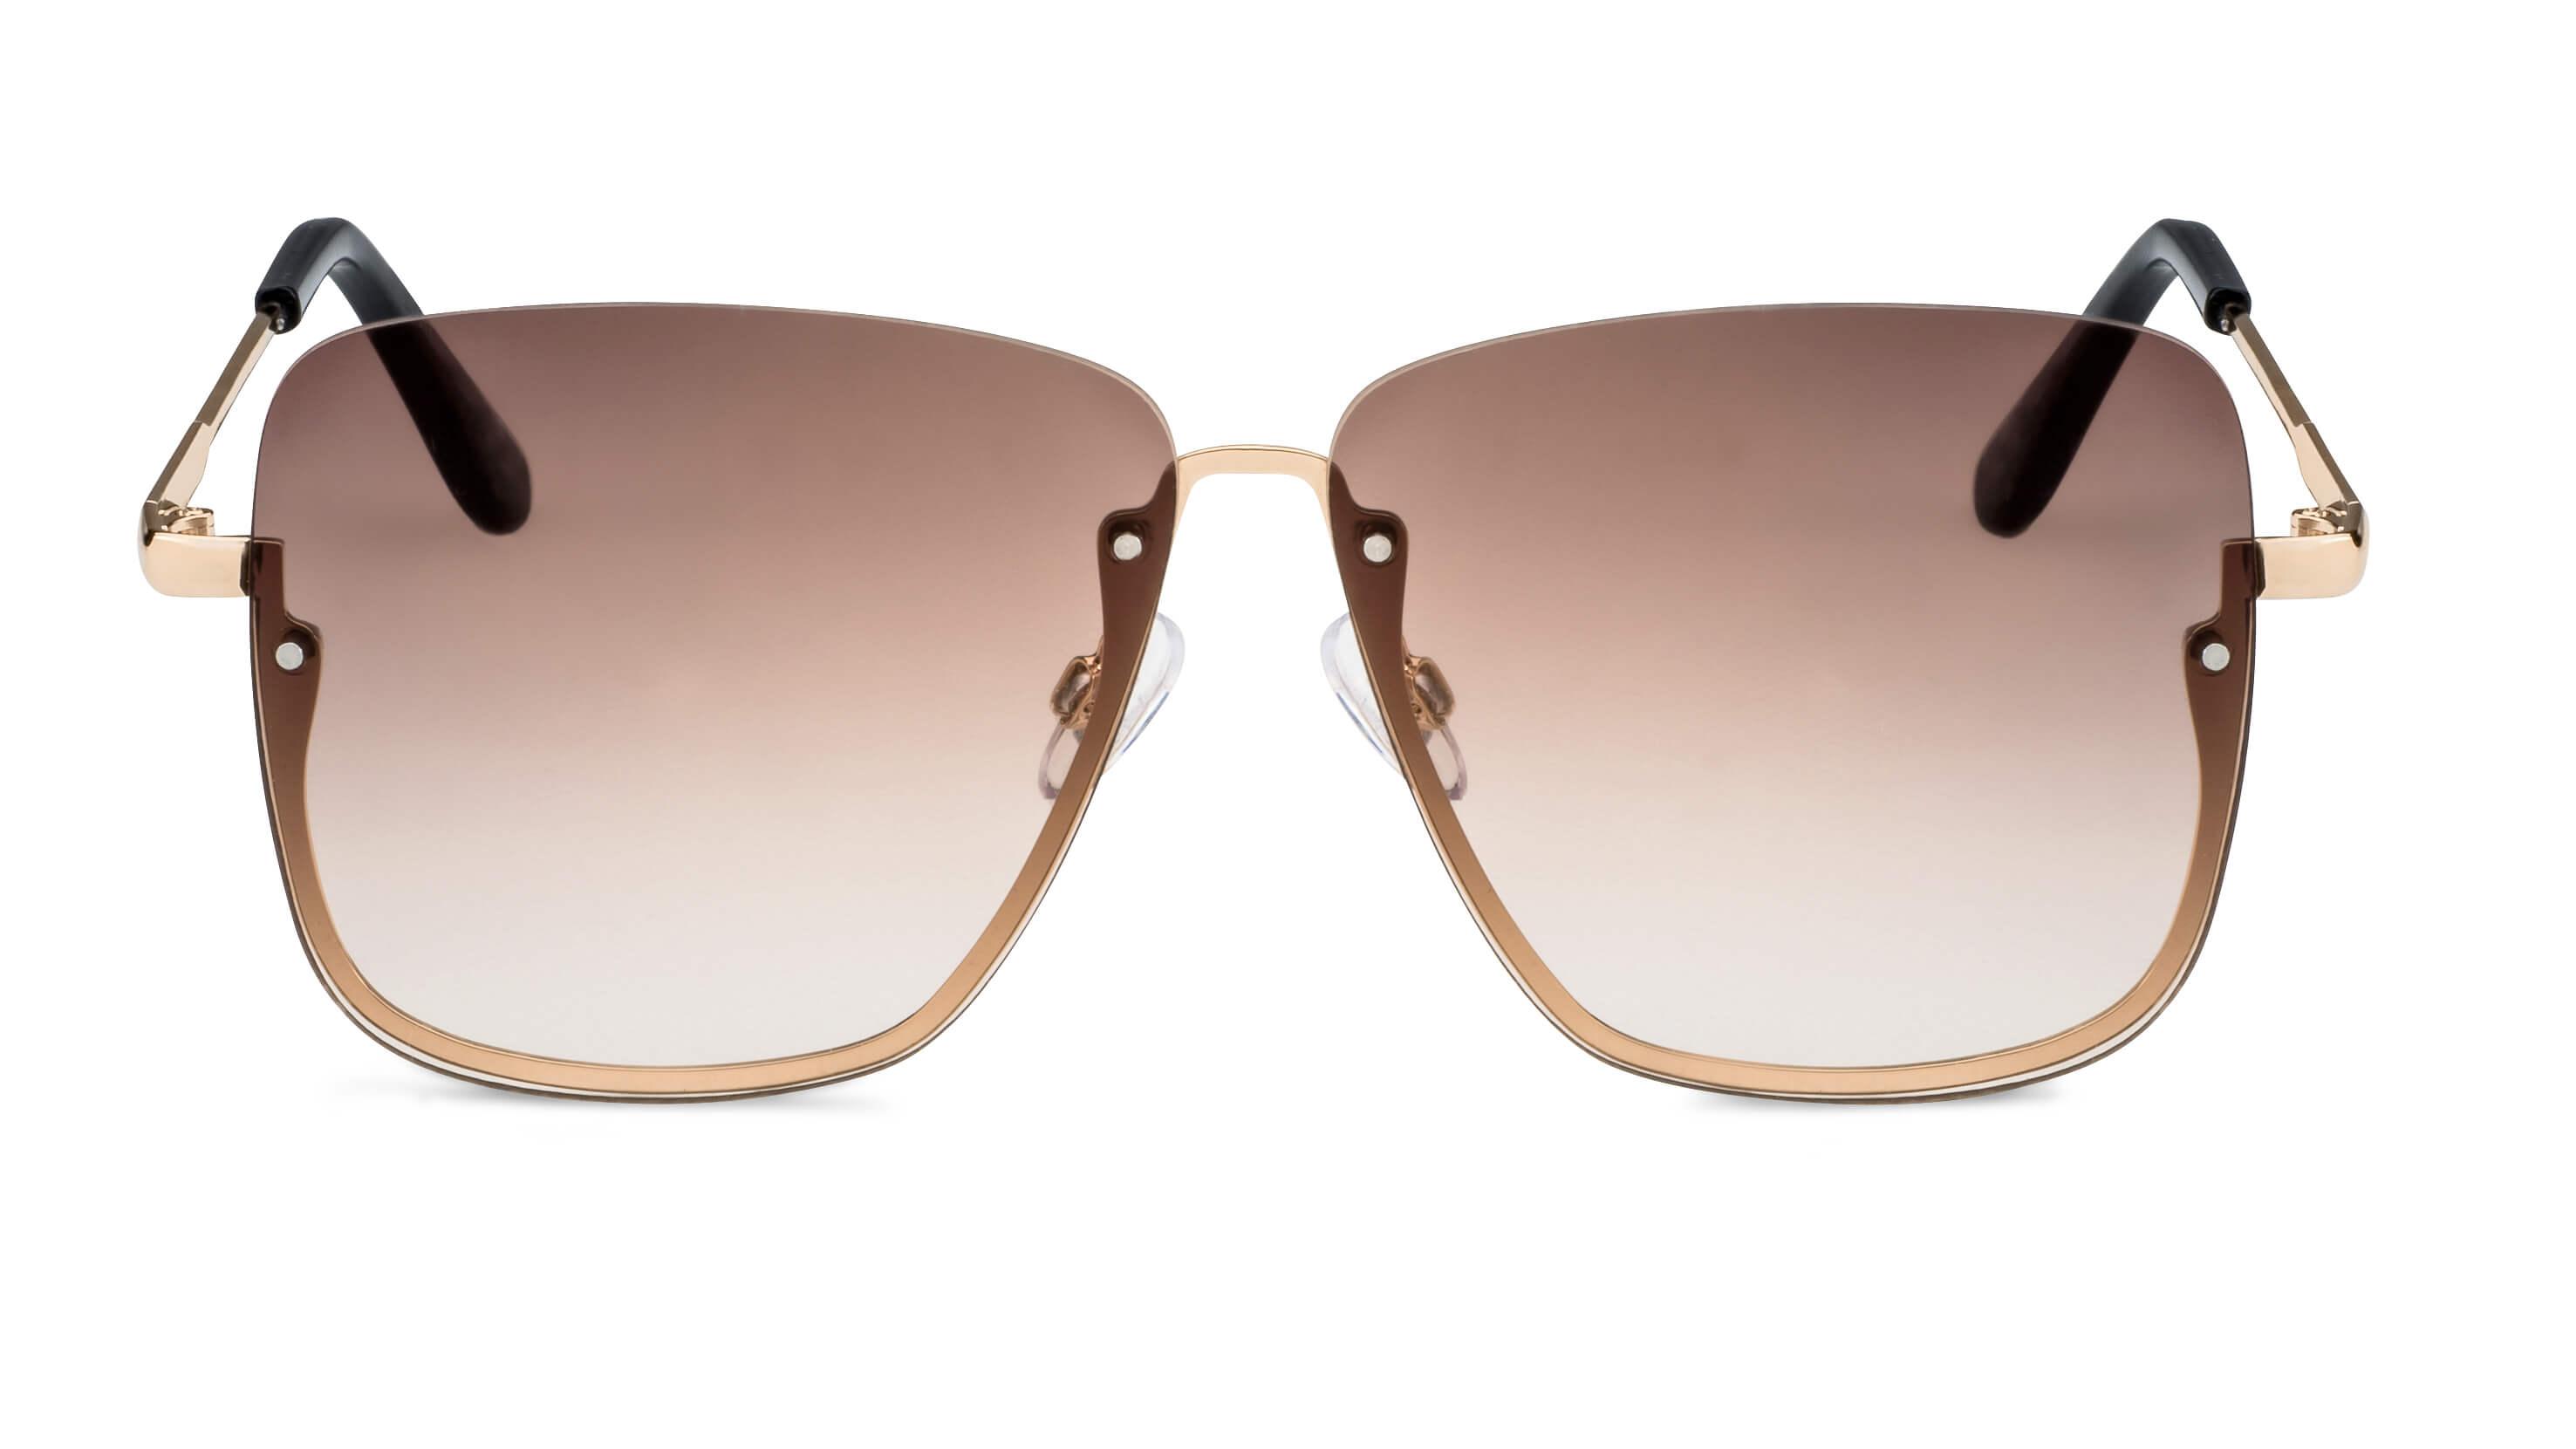 Frontansicht Sonnenbrille F3001010